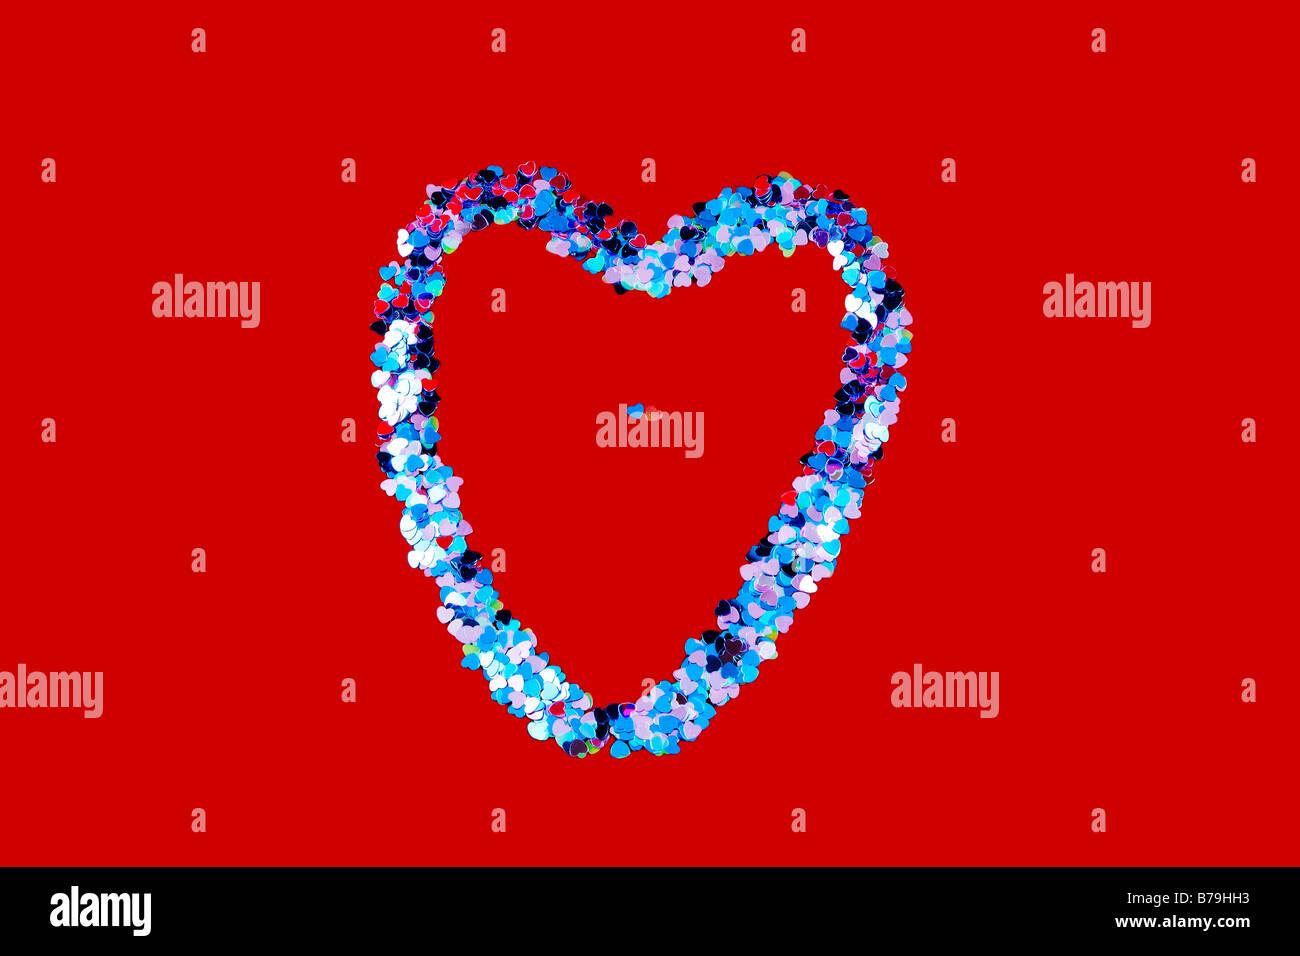 Forma di cuore composta di cuore coriandoli su uno sfondo rosso con due piccoli cuori in medio Immagini Stock